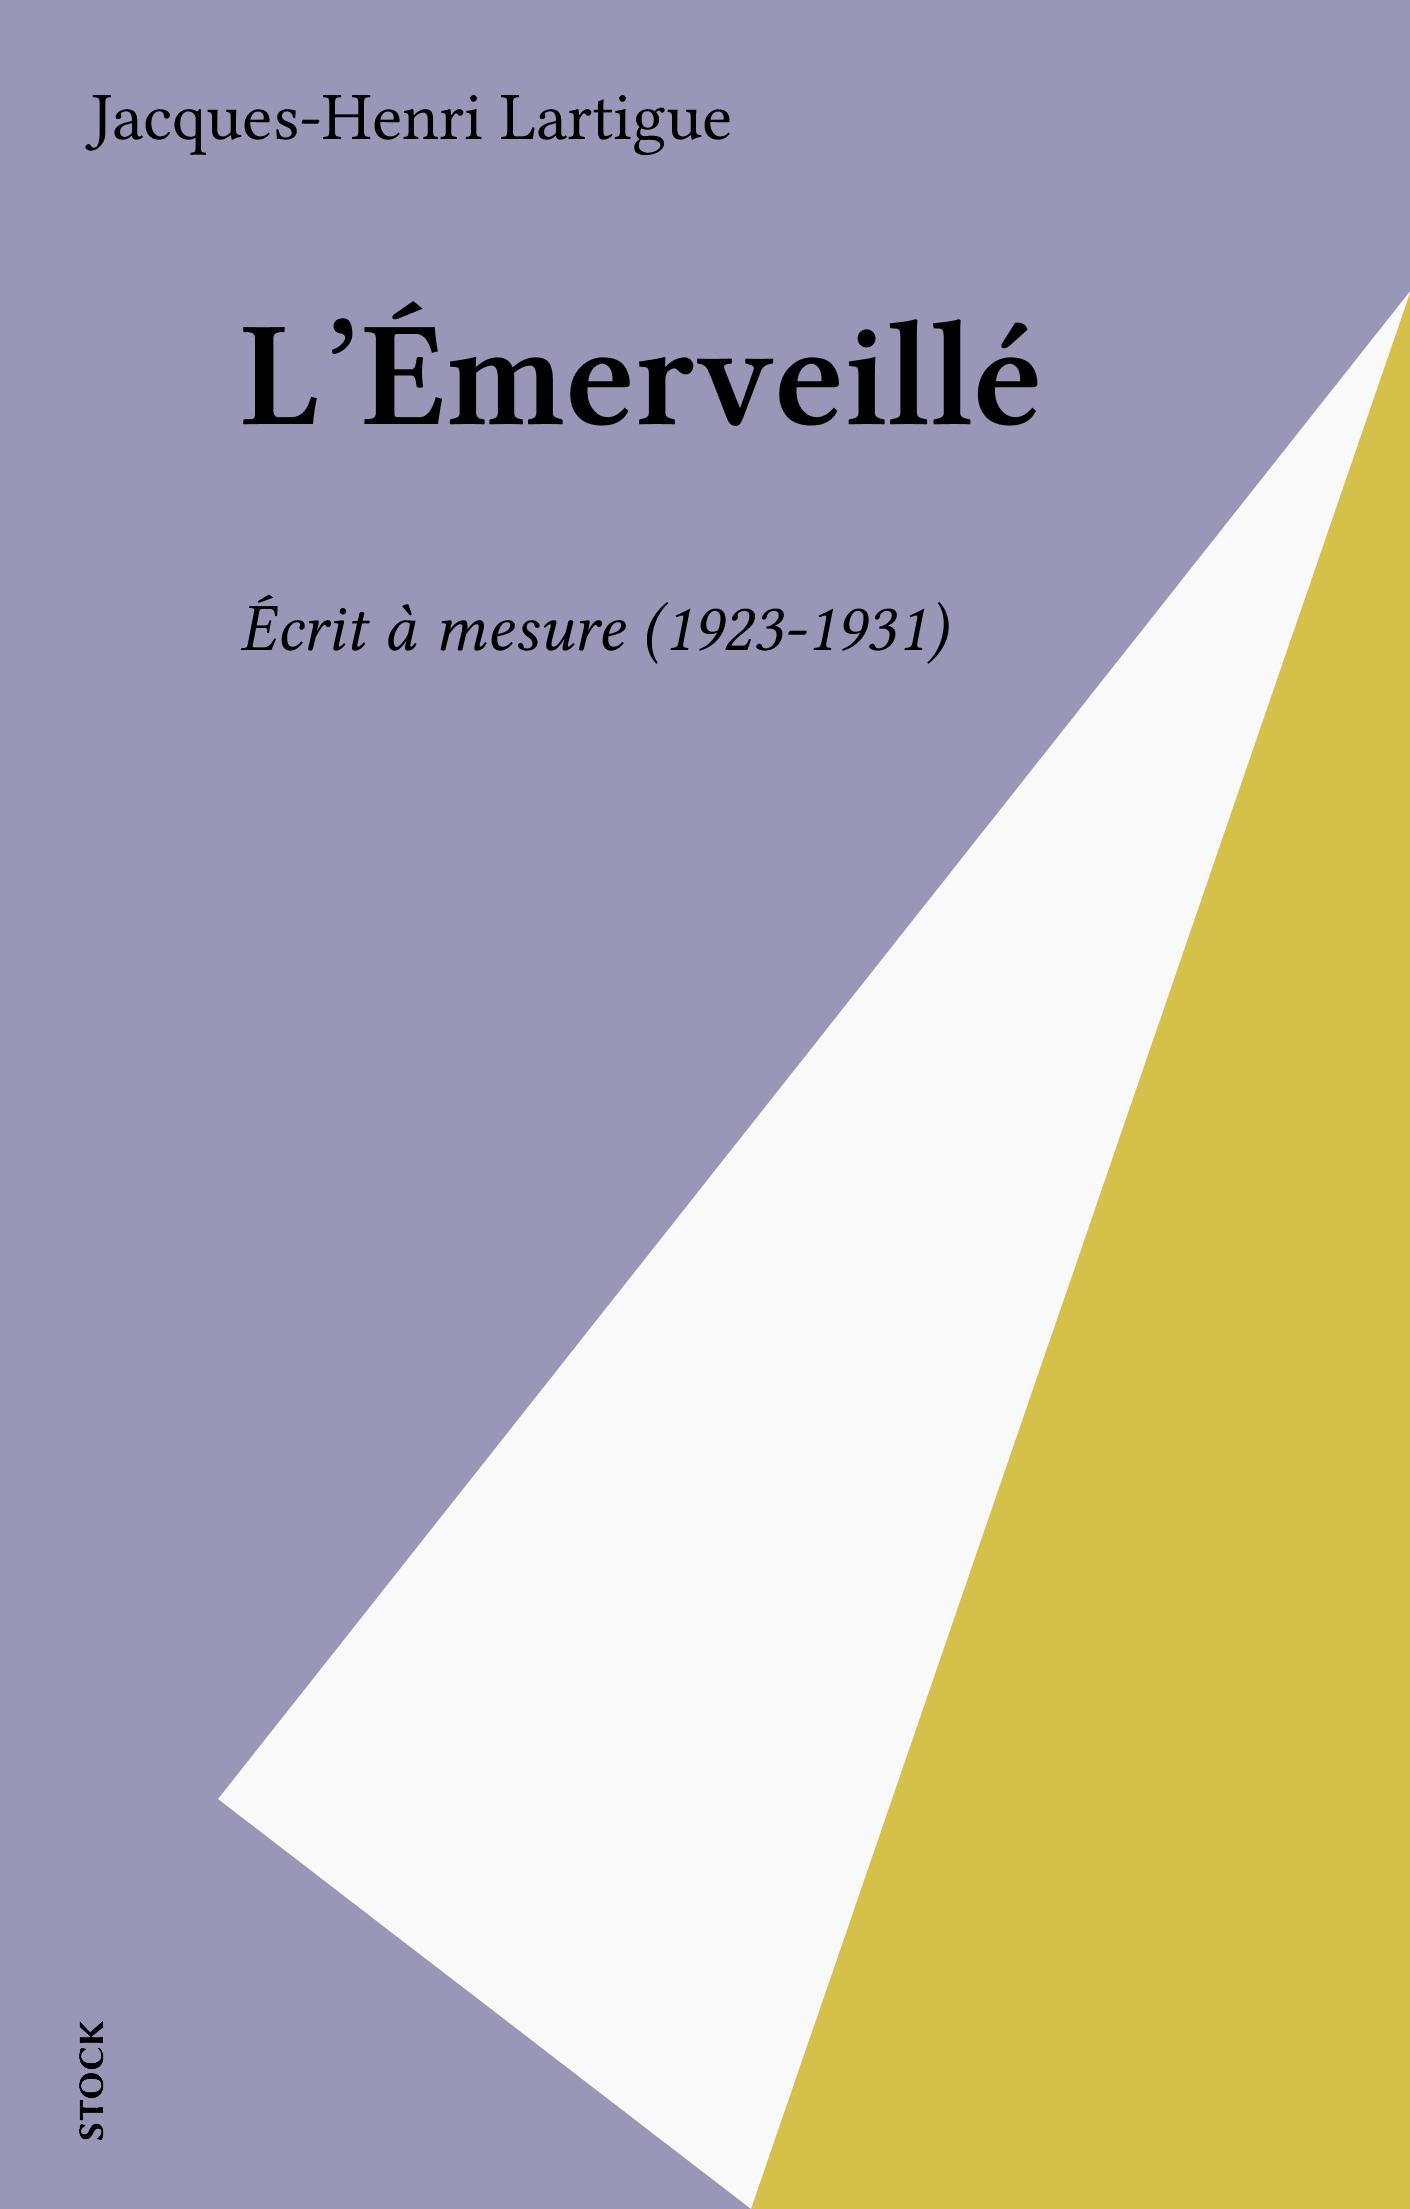 L'Émerveillé, ÉCRIT À MESURE (1923-1931)